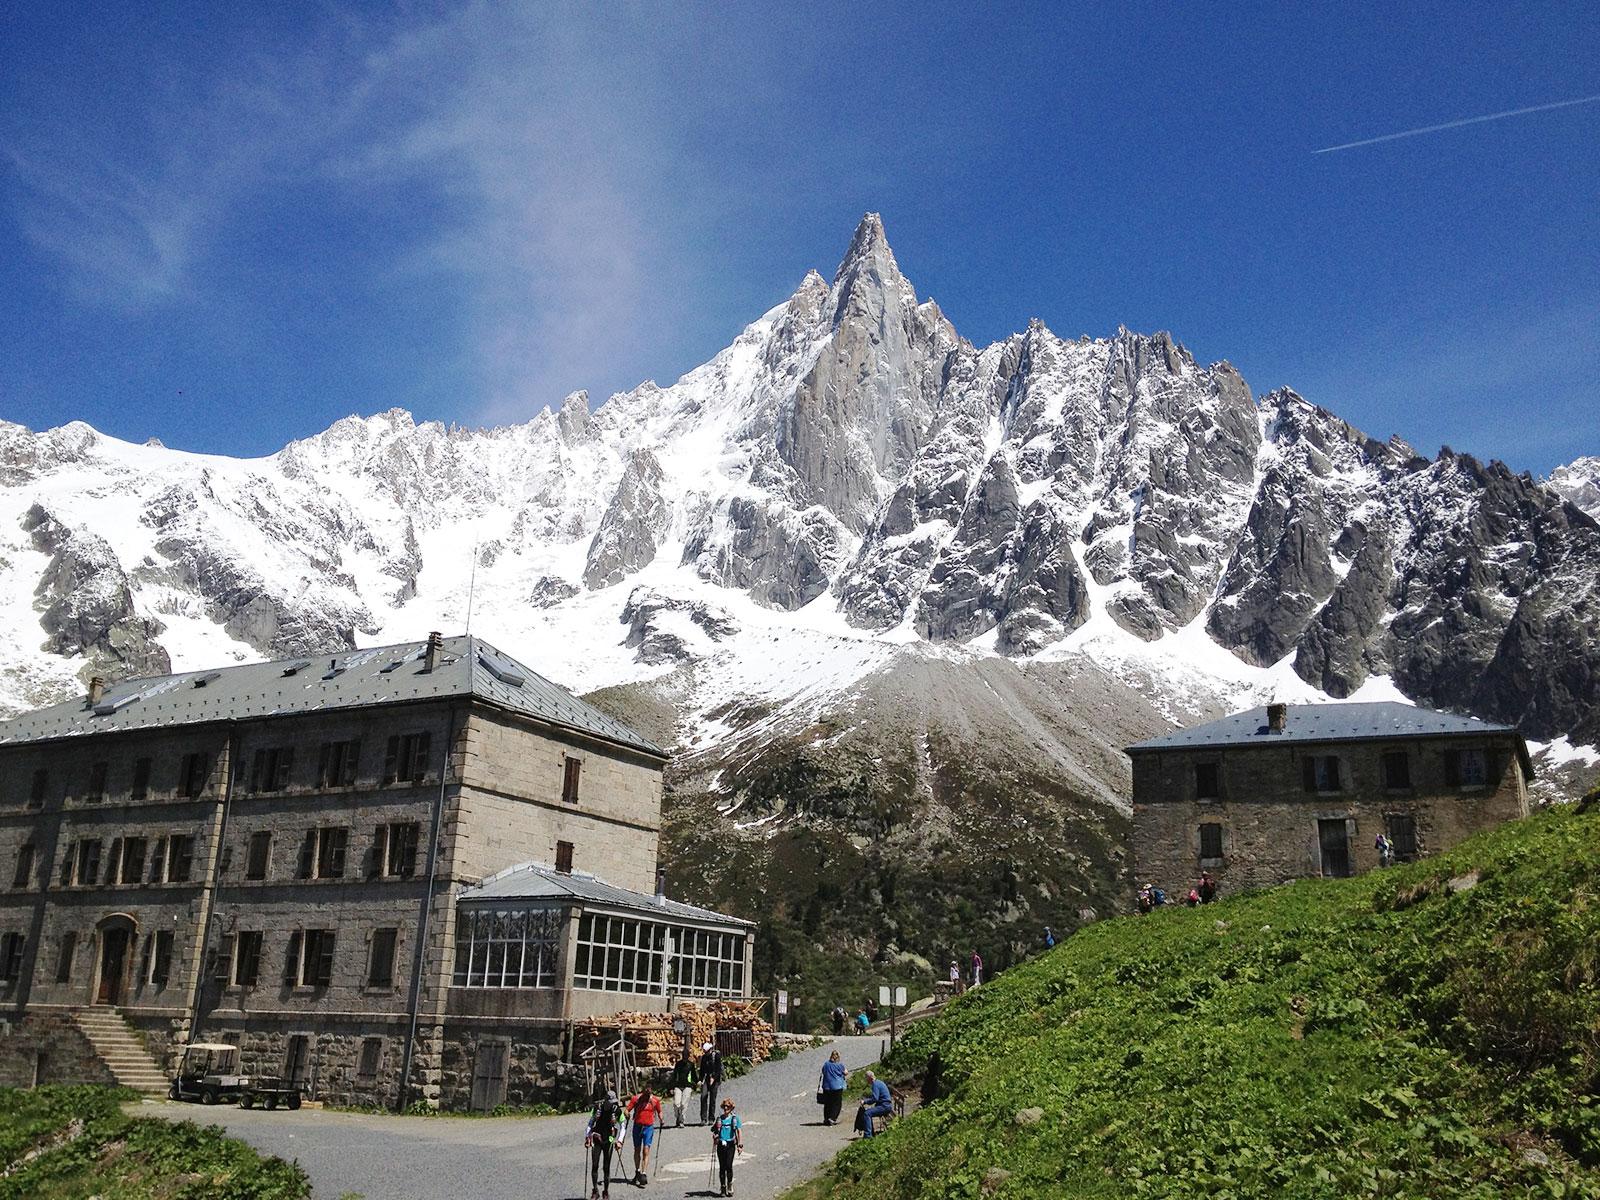 Mer de glace et train du montenvers savoie mont blanc - Office de tourisme chamonix mont blanc ...